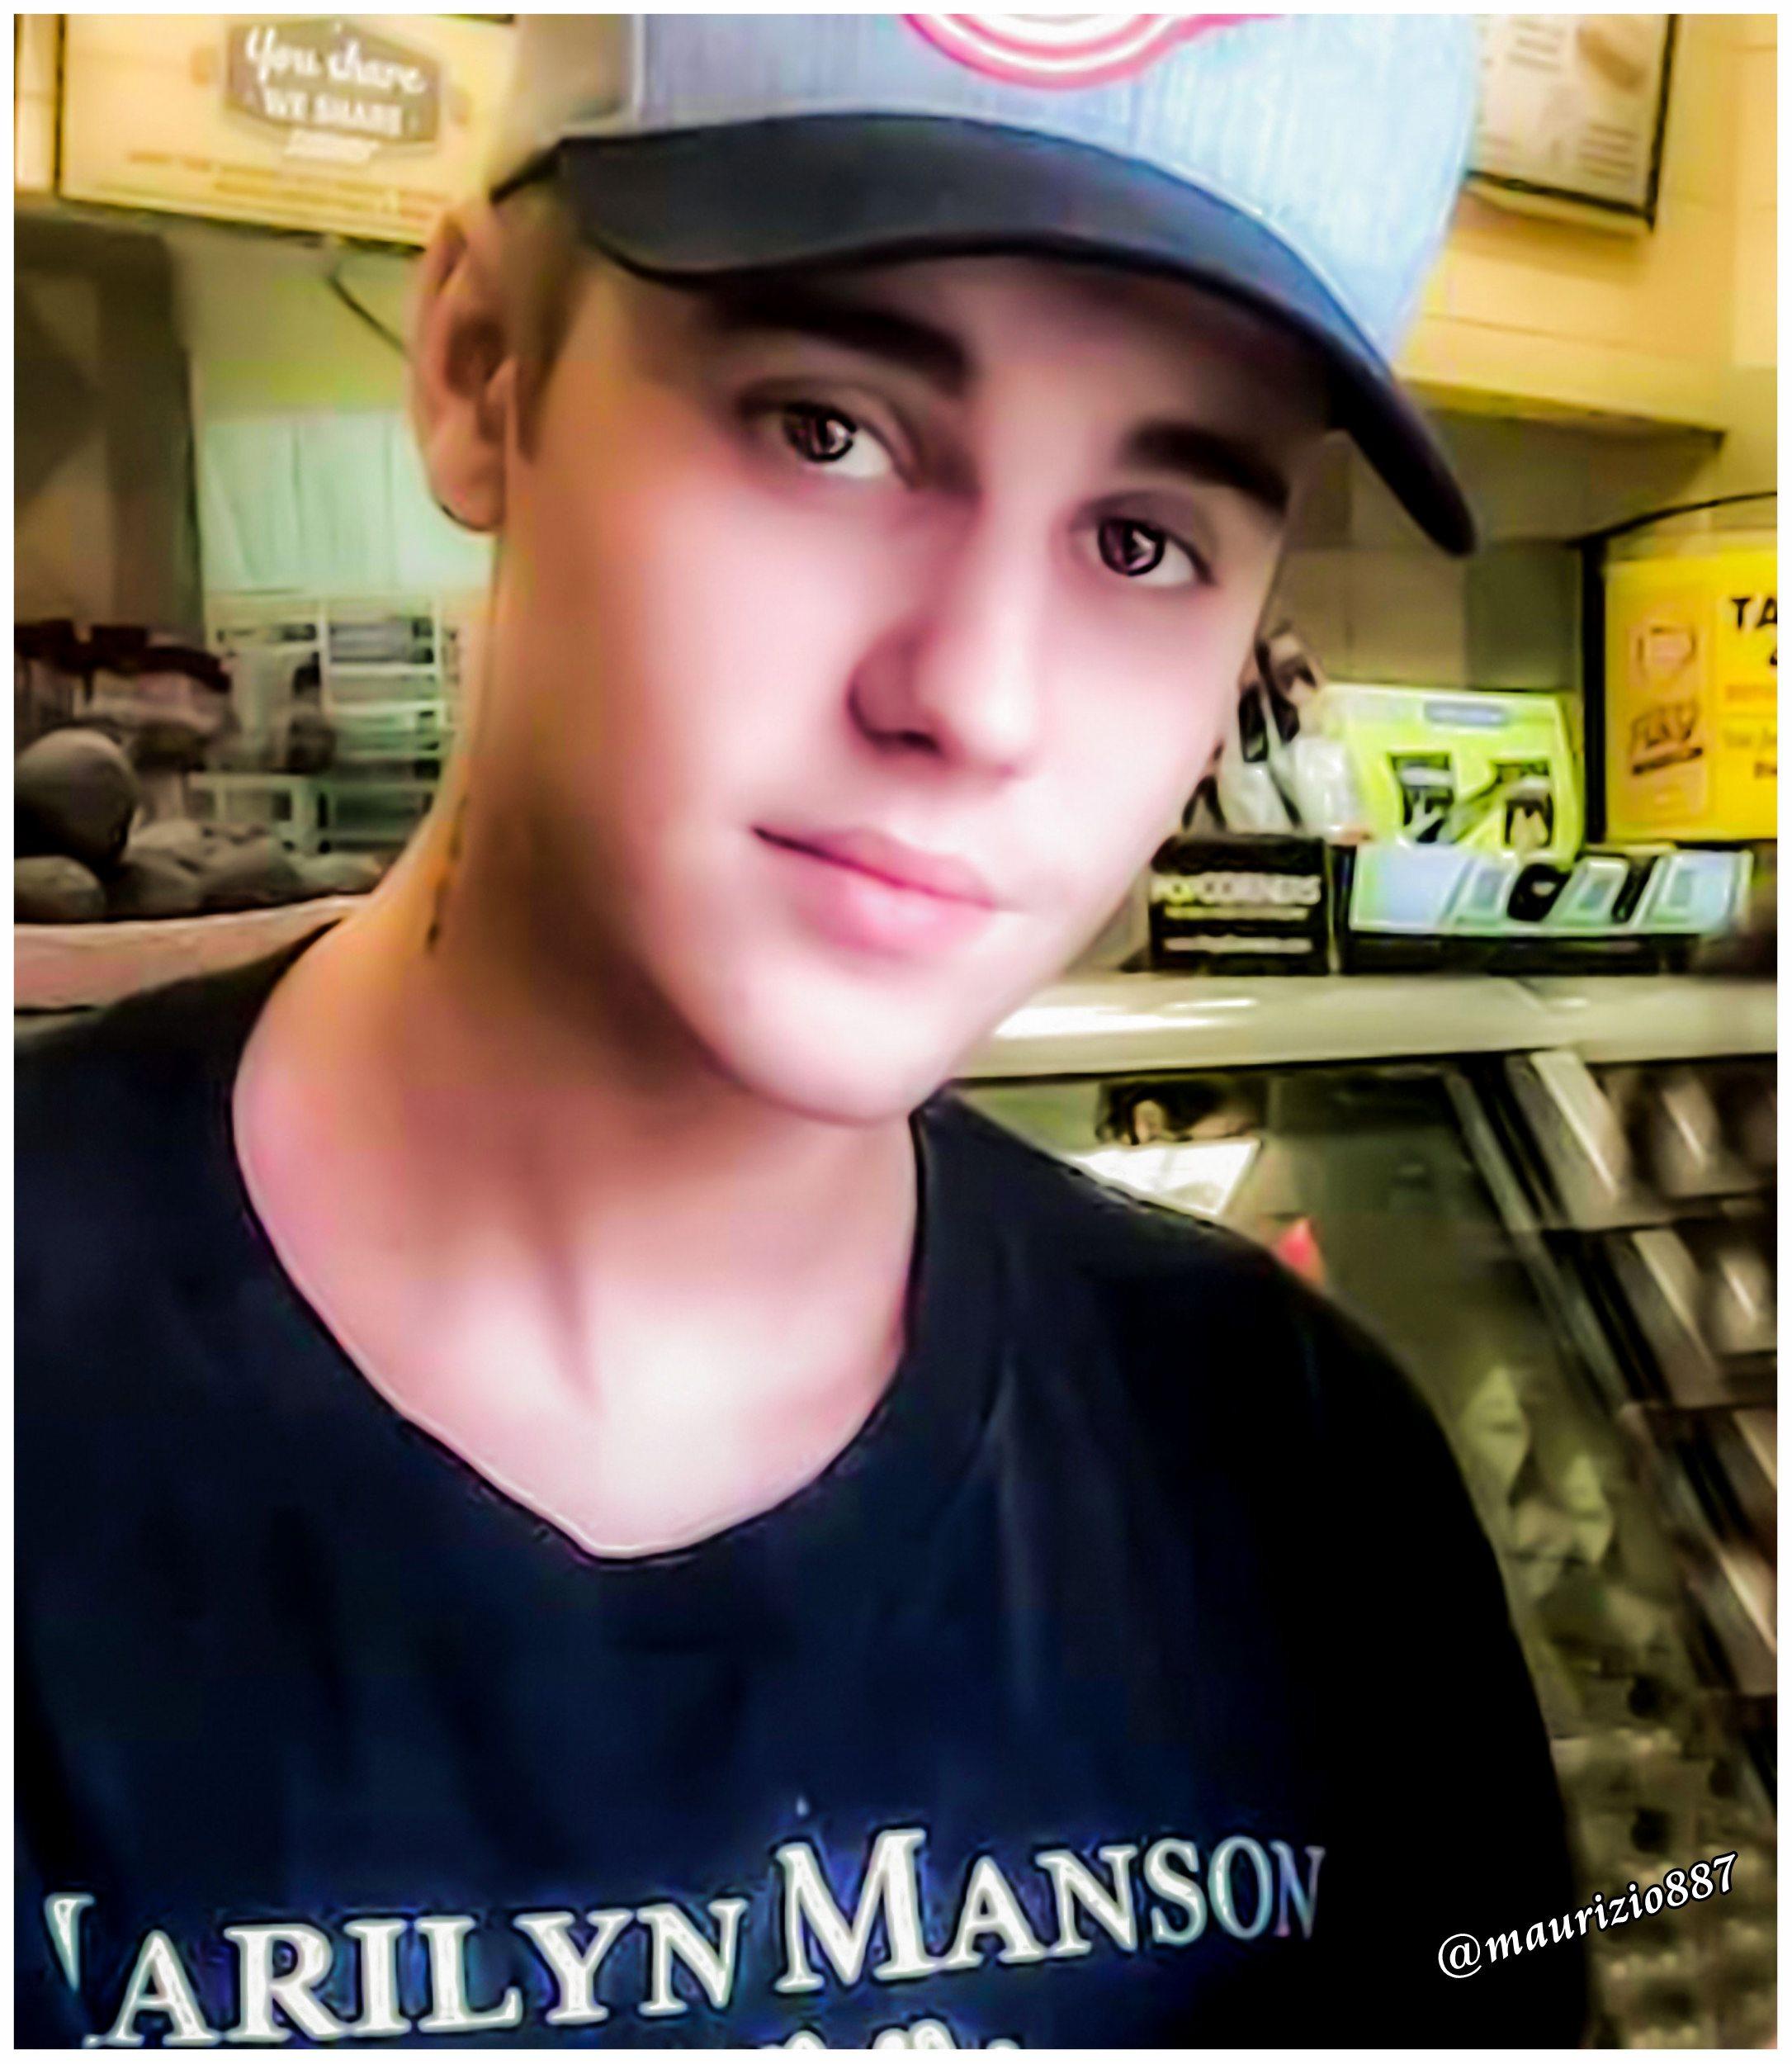 justin bieber 2015 - Justin Bieber Photo (38758327) - Fanpop